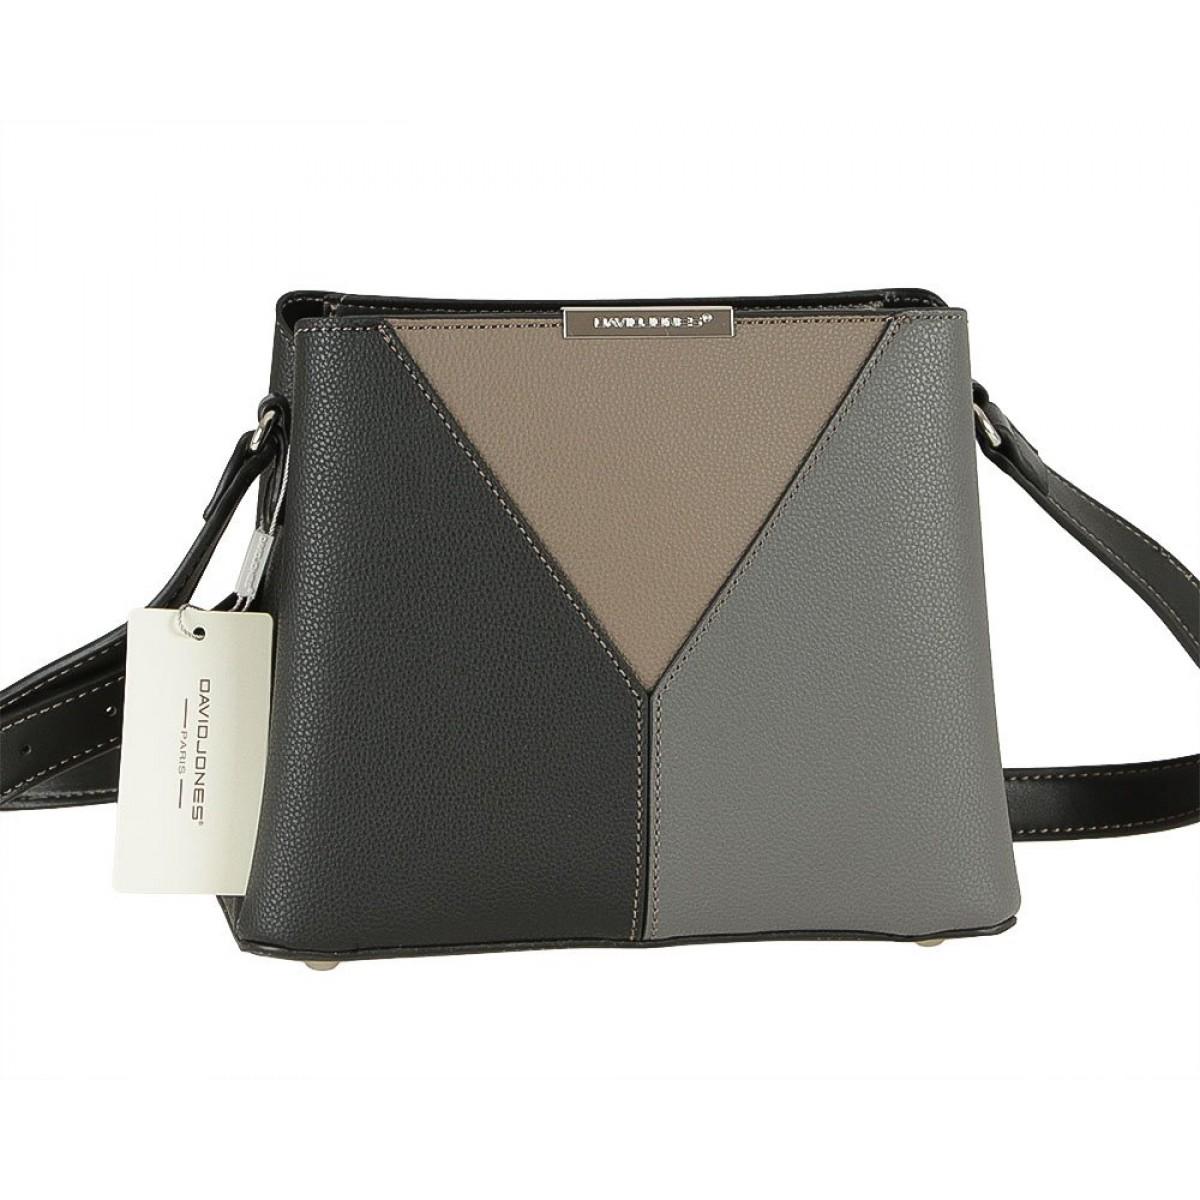 Жіноча сумка David Jones 6401-1 BLACK